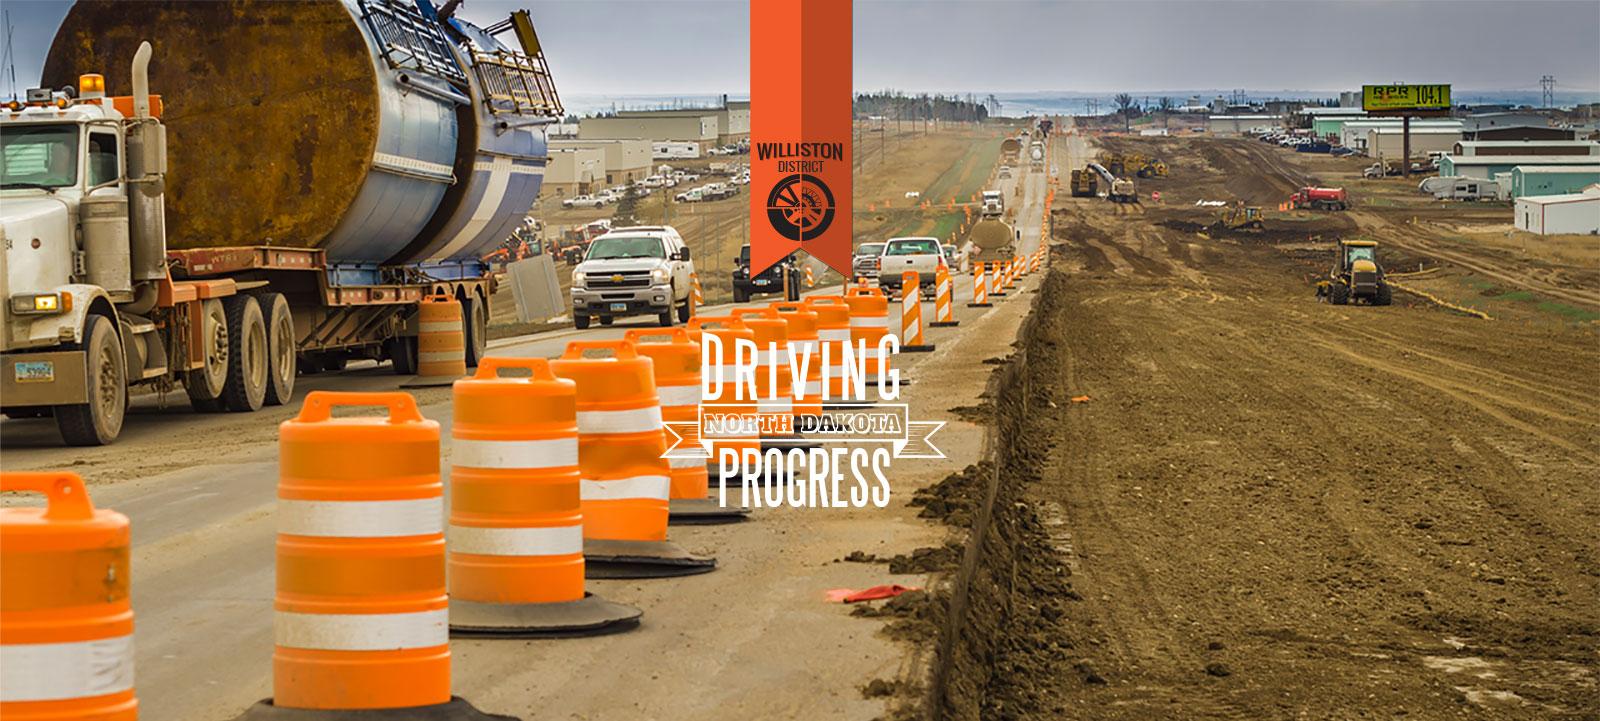 US 2 - NDDOT Williston Nd Dot Road Map on montana road conditions map, modot road map, mn road construction map, n dakota road map, weather north dakota road map, mt dot road map, south dakota road map, minnesota road map, north dakota road conditions map, mndot road map, road travel weather map, iowa road map, indot road map, michigan road closures map, north dakota travel road map,